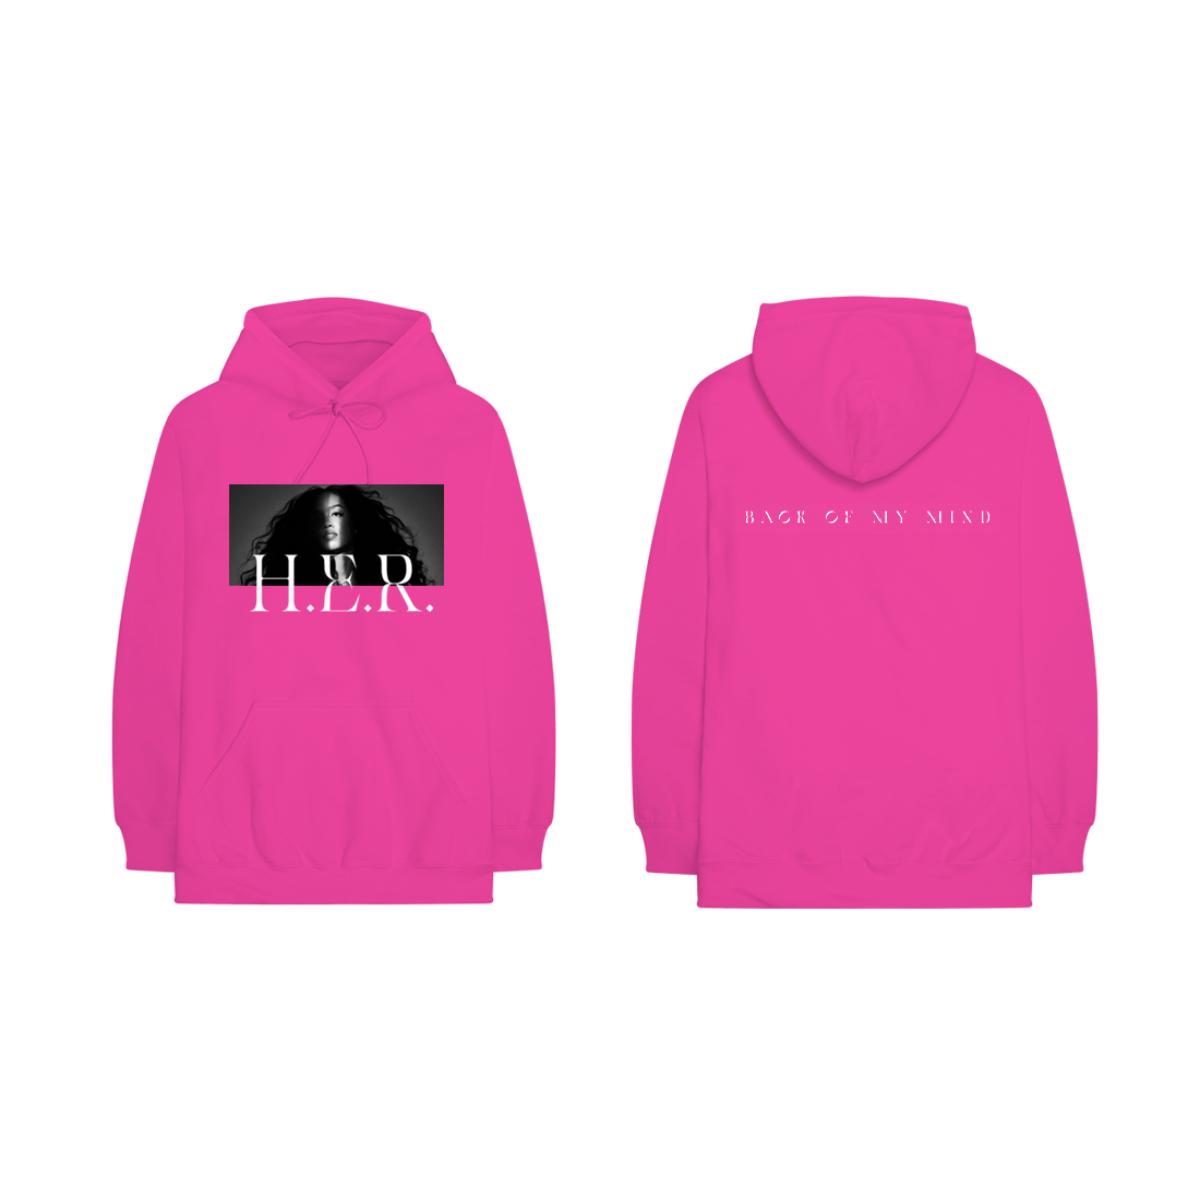 Back Of My Mind Album Photo Pink Hoodie